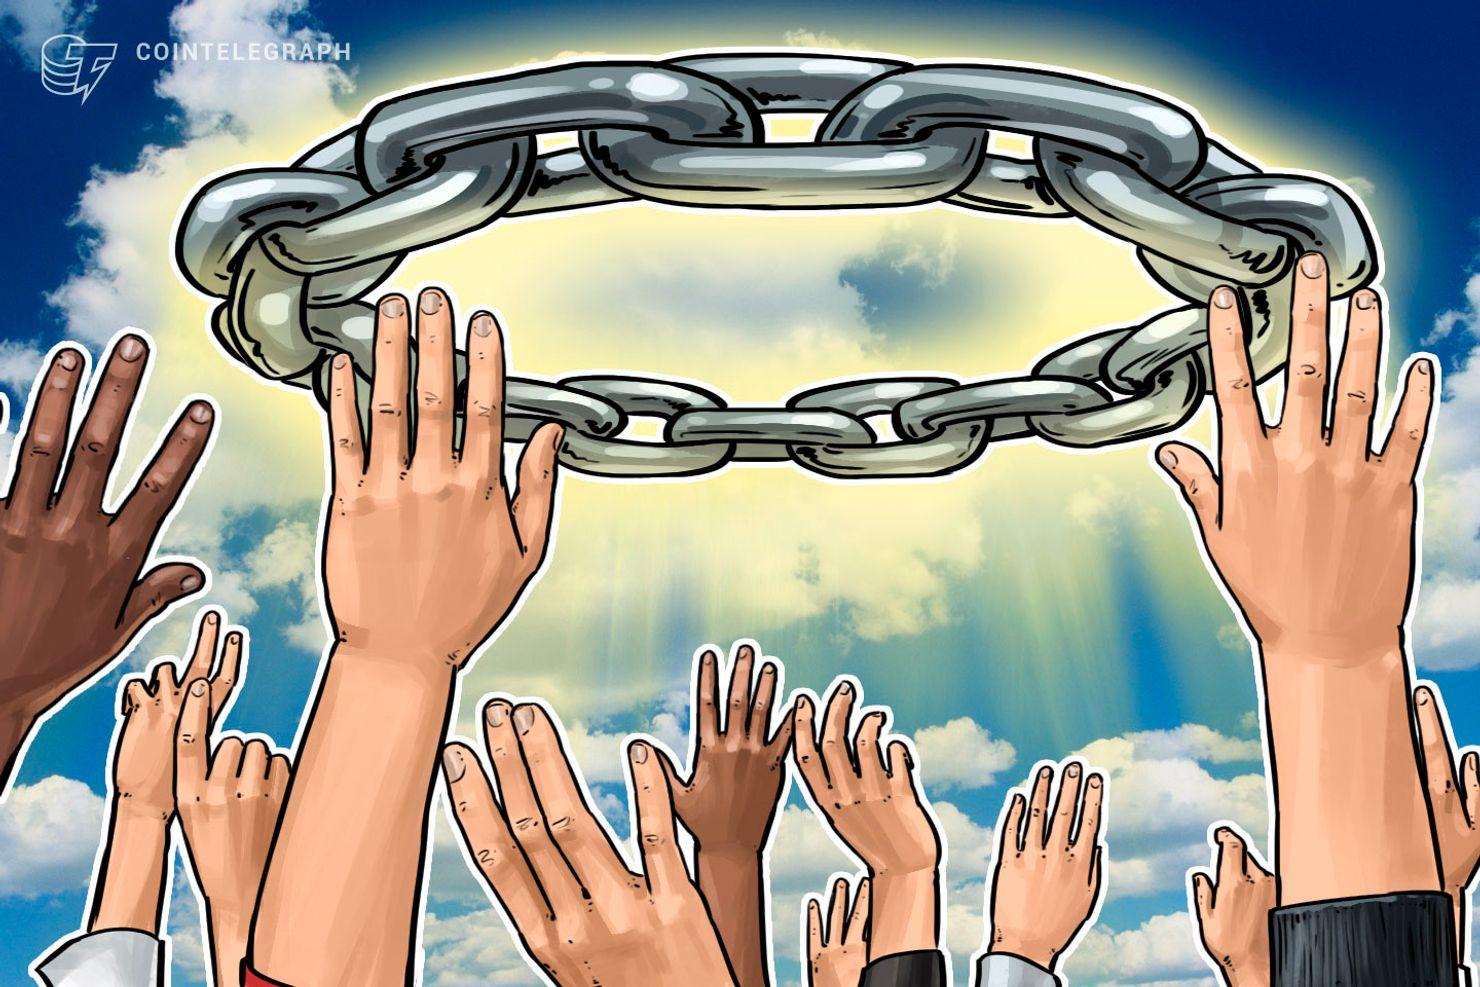 Public chainとは何か